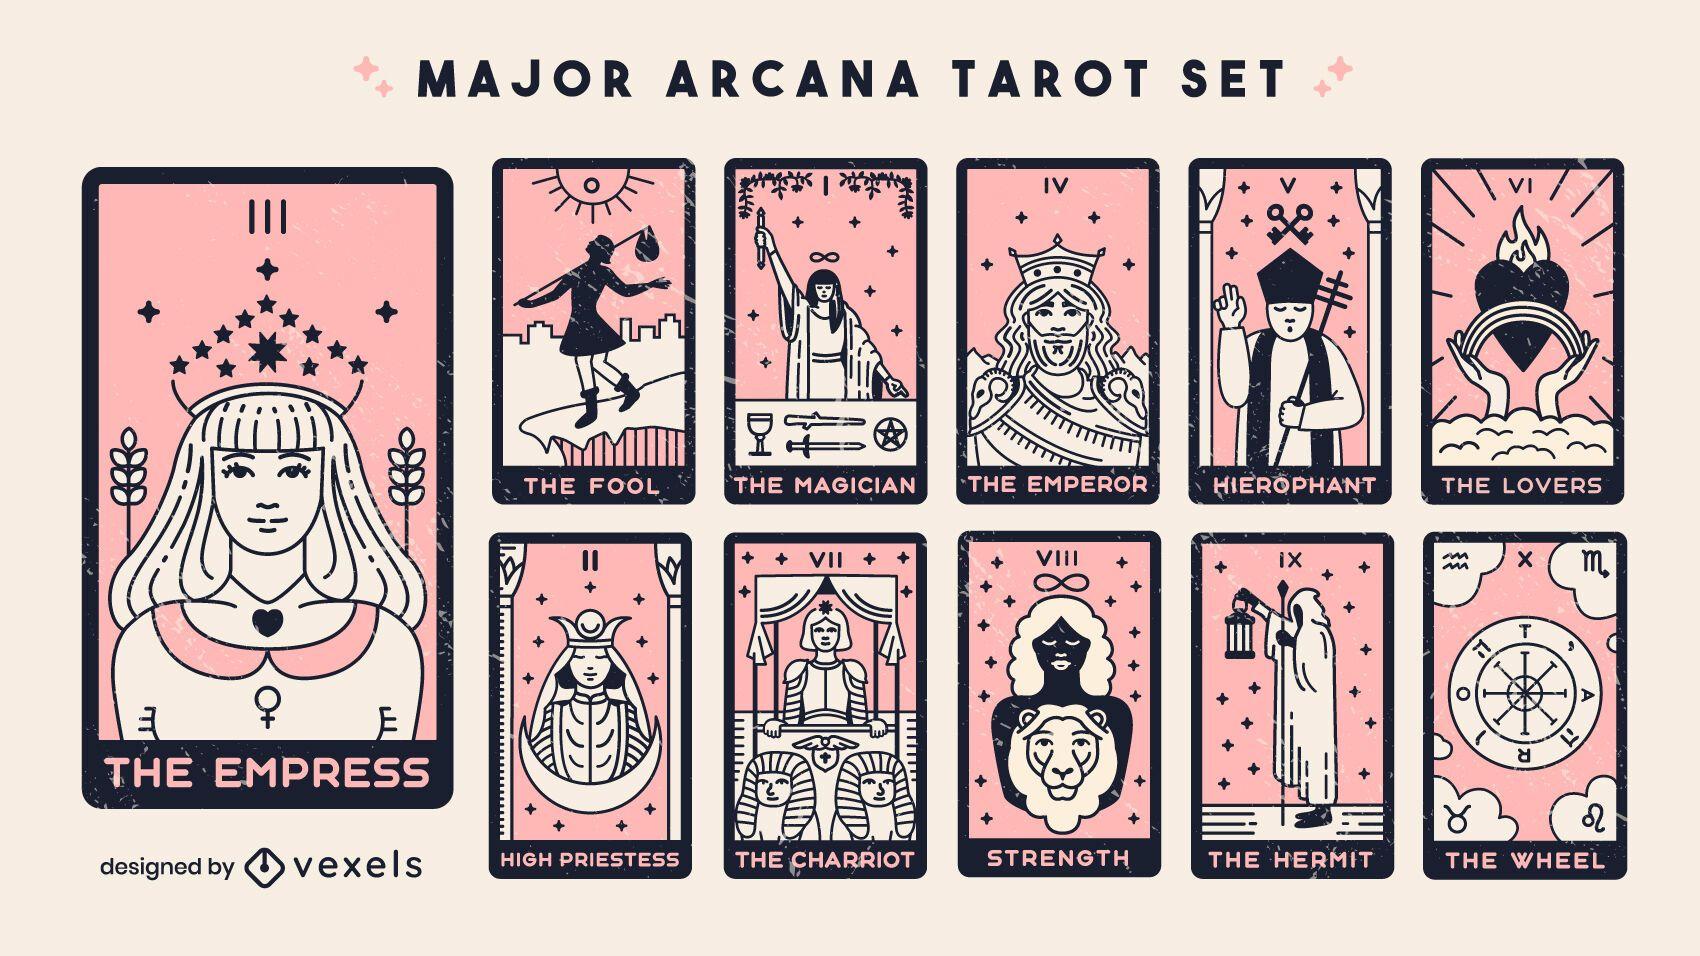 Set of major arcana tarot cards